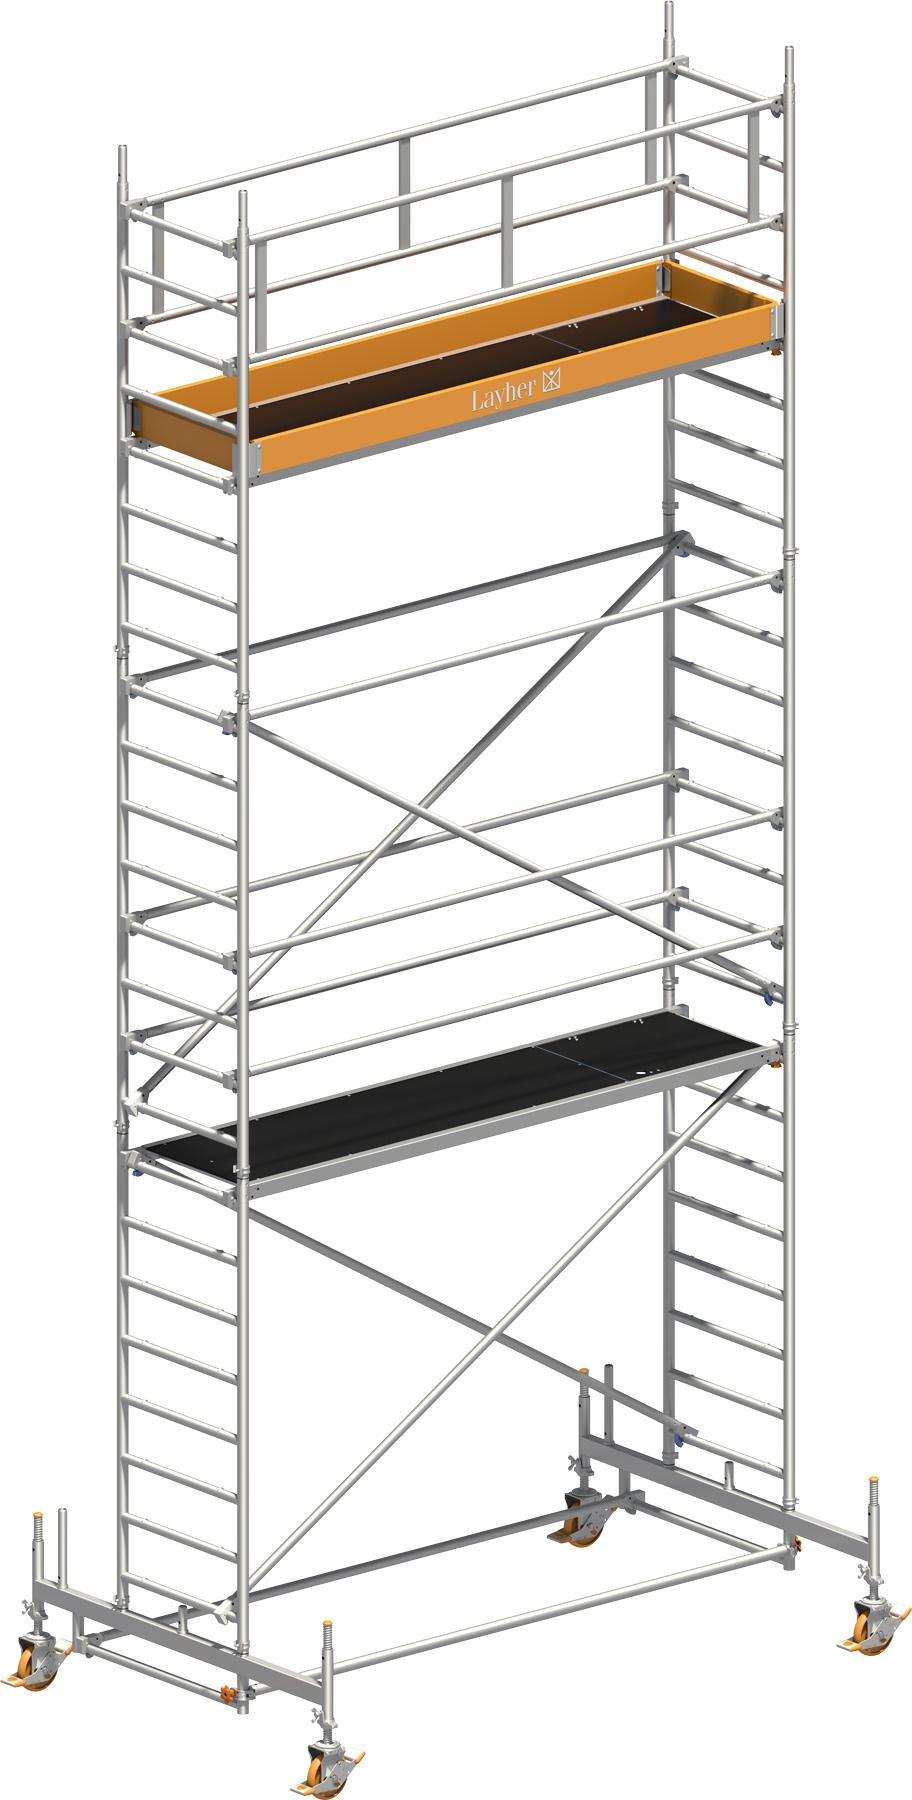 layher uni standard alu fahrger st 1105 online kaufen. Black Bedroom Furniture Sets. Home Design Ideas